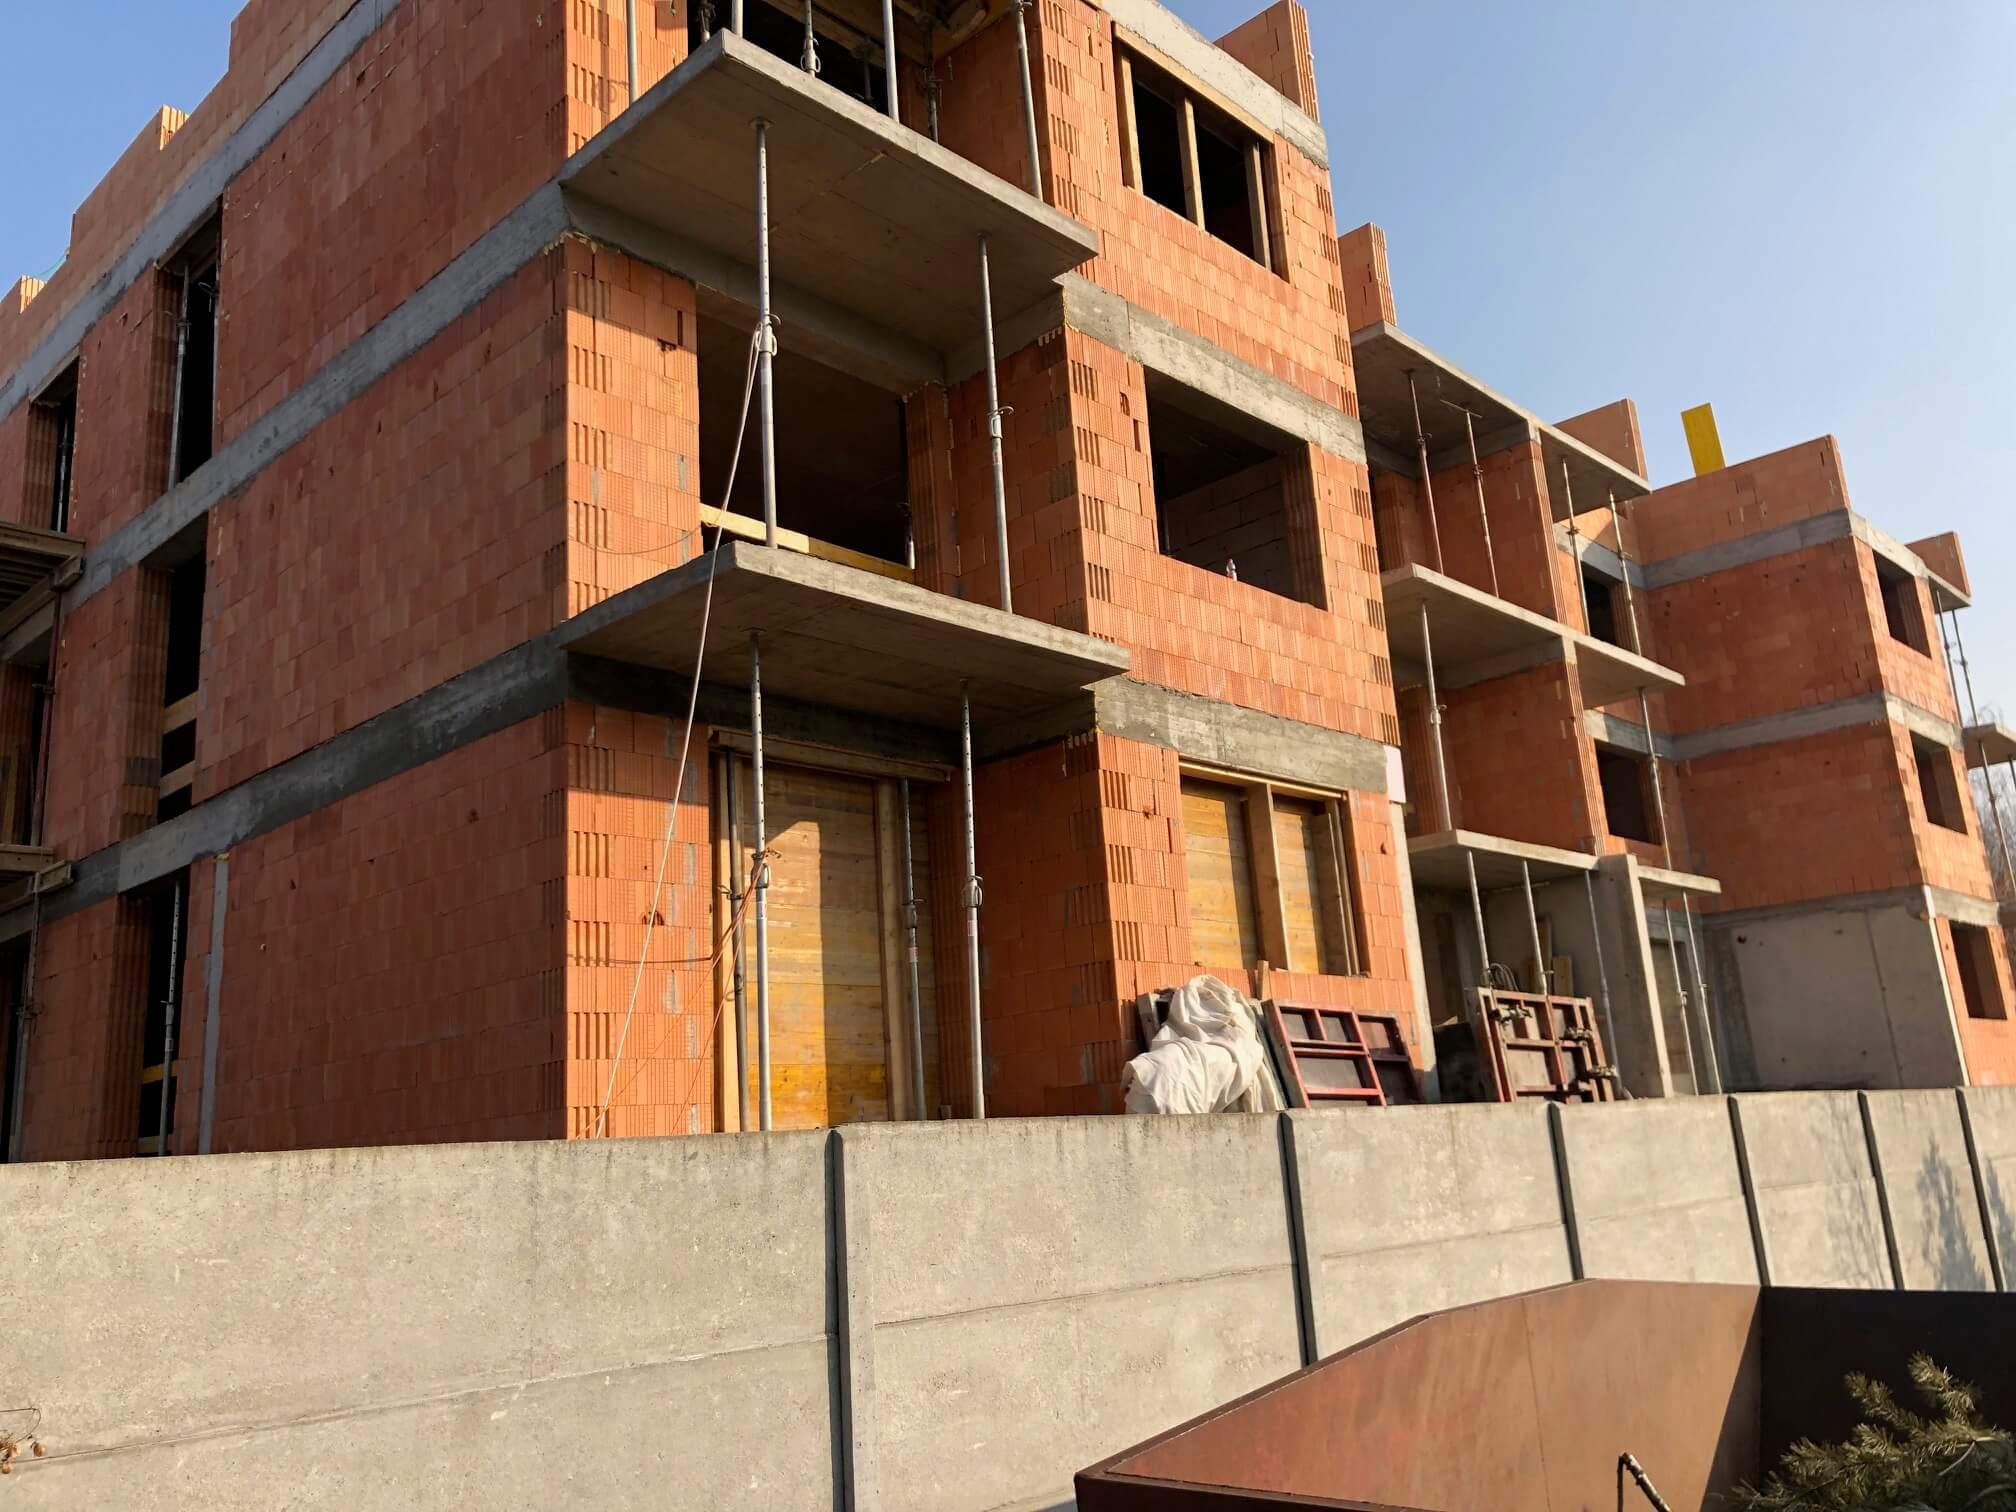 Predané: Novostavba 4 Izbový, M-House, Malacky centrum, 91,60m2, Loggia 15,29m2-16